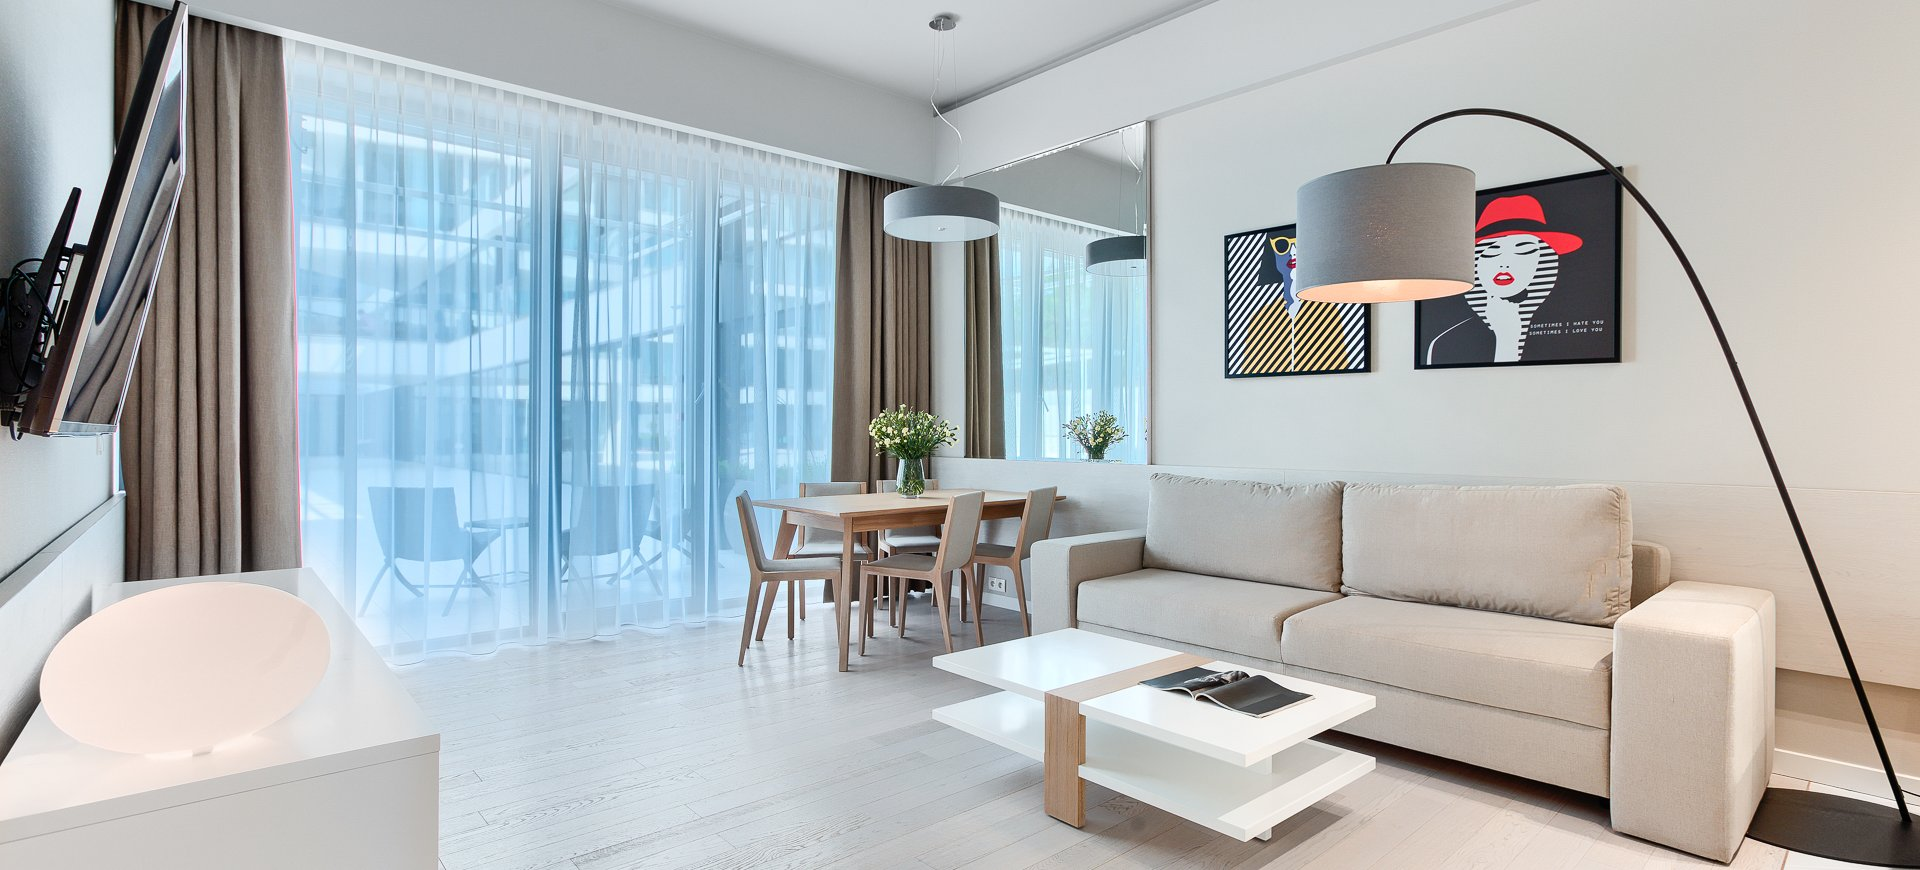 Apartament Deluxe z 1 sypialnią 0.12 B z wyjściem na dziedziniec